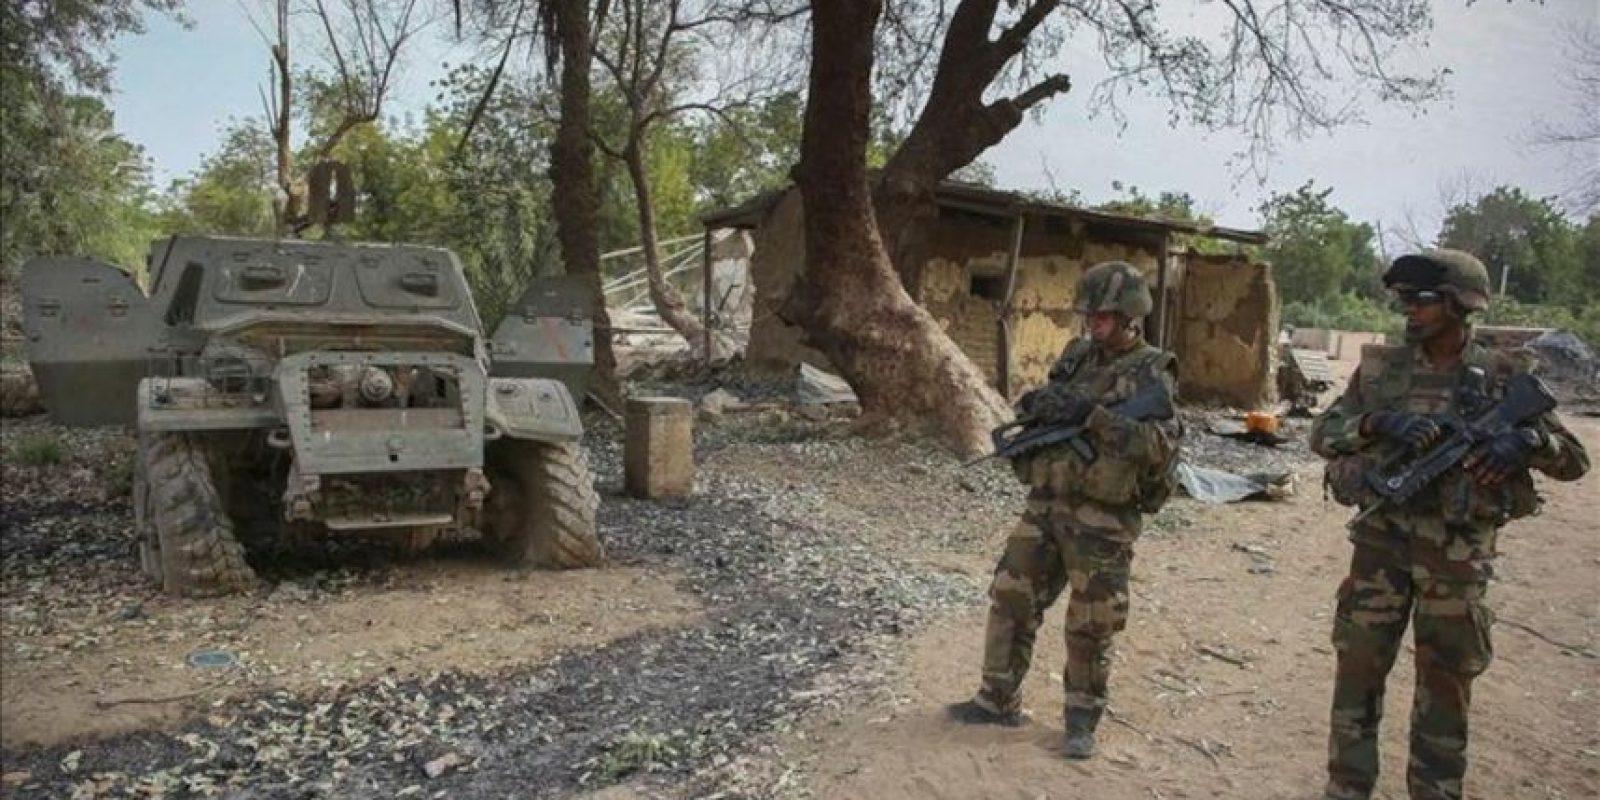 Soldados franceses patrullan un campamento militar de islamistas en la liberada localidad de Dibali (Mali). EFE/Archivo